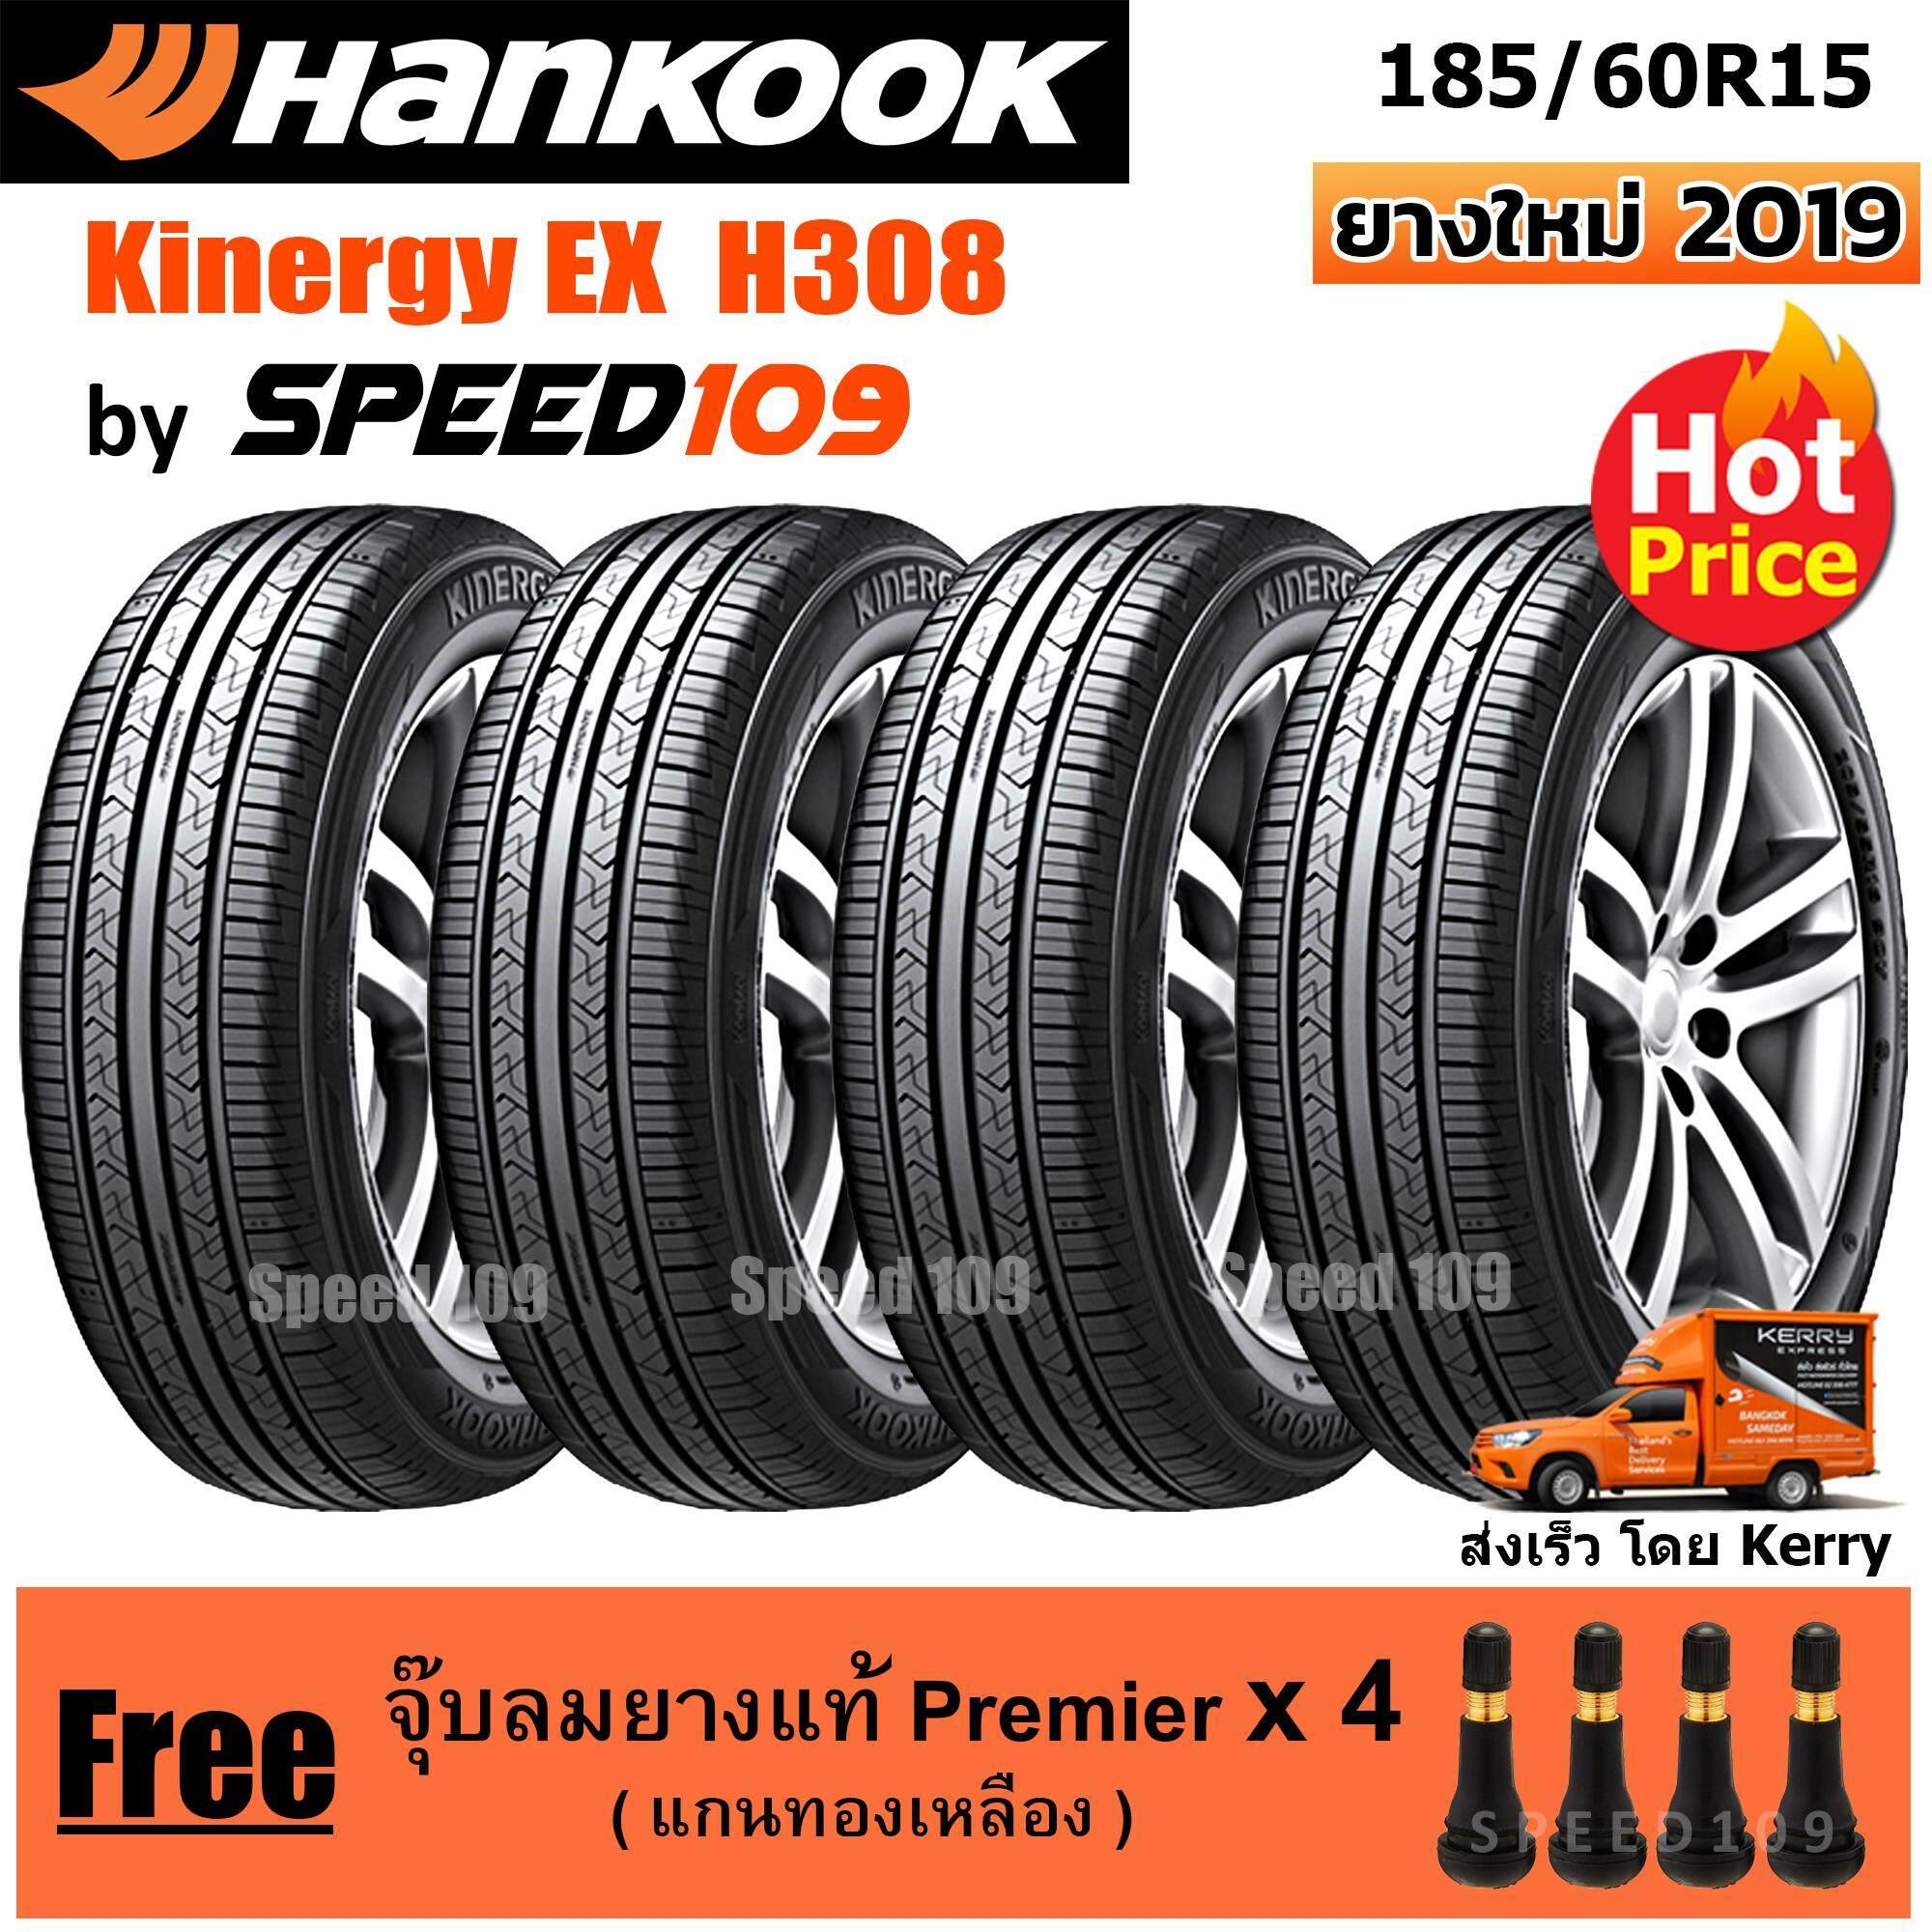 หนองคาย HANKOOK ยางรถยนต์ ขอบ 15 ขนาด 185/60R15 รุ่น Kinergy EX H308 - 4 เส้น (ปี 2019)